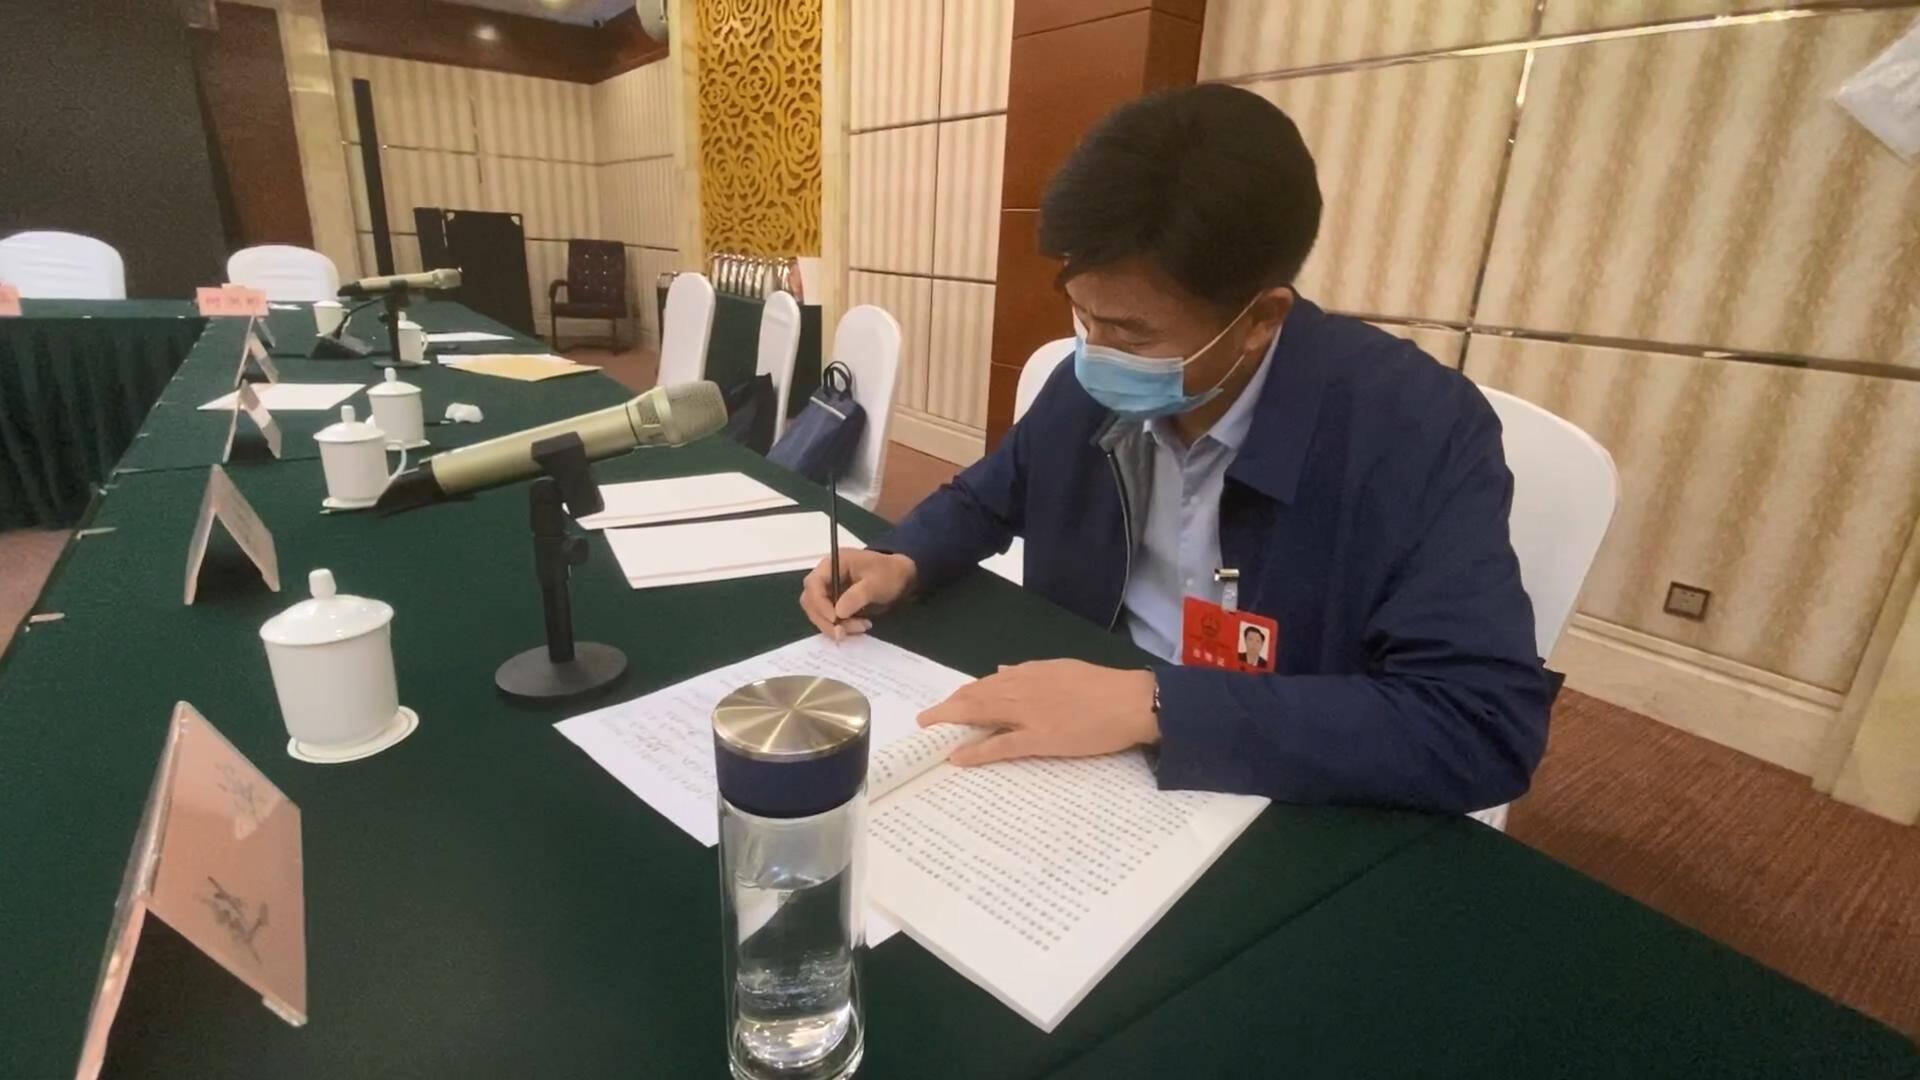 聚焦2021山东两会 省人大代表赵滨:建议机关事业单位和国有企业带头安置残疾人就业